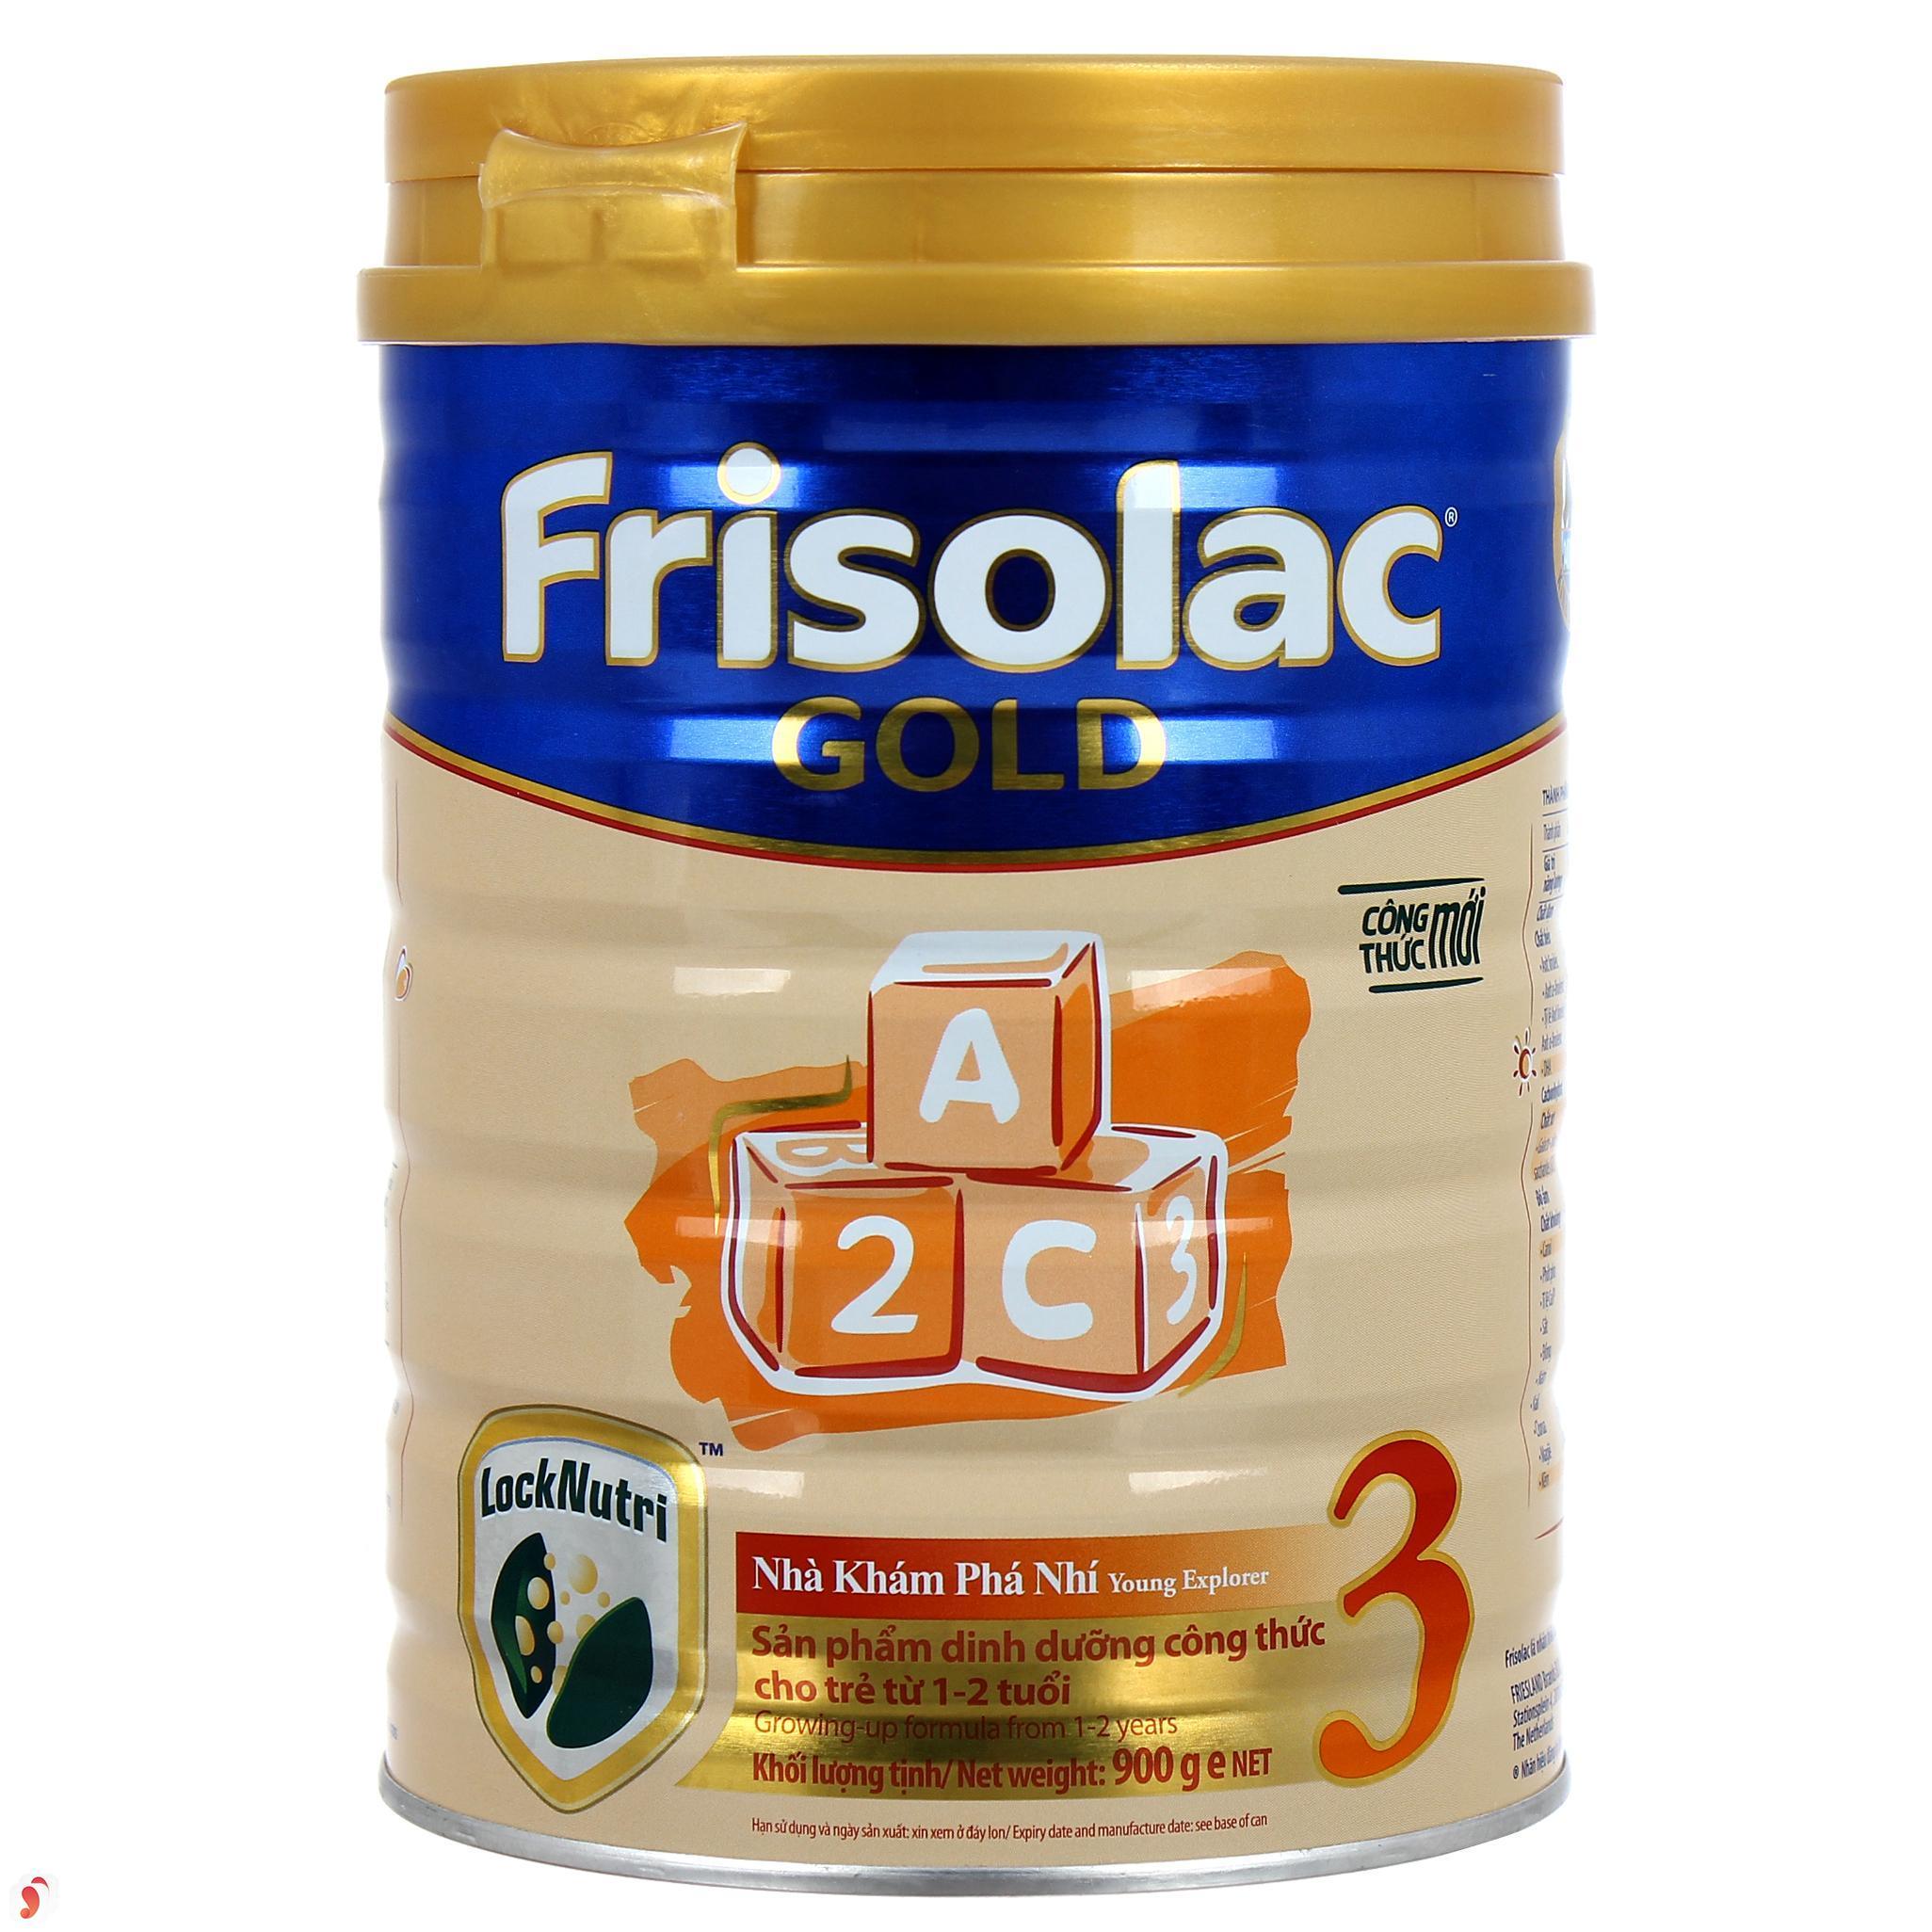 Sữa Frisolac Gold có tốt không 2